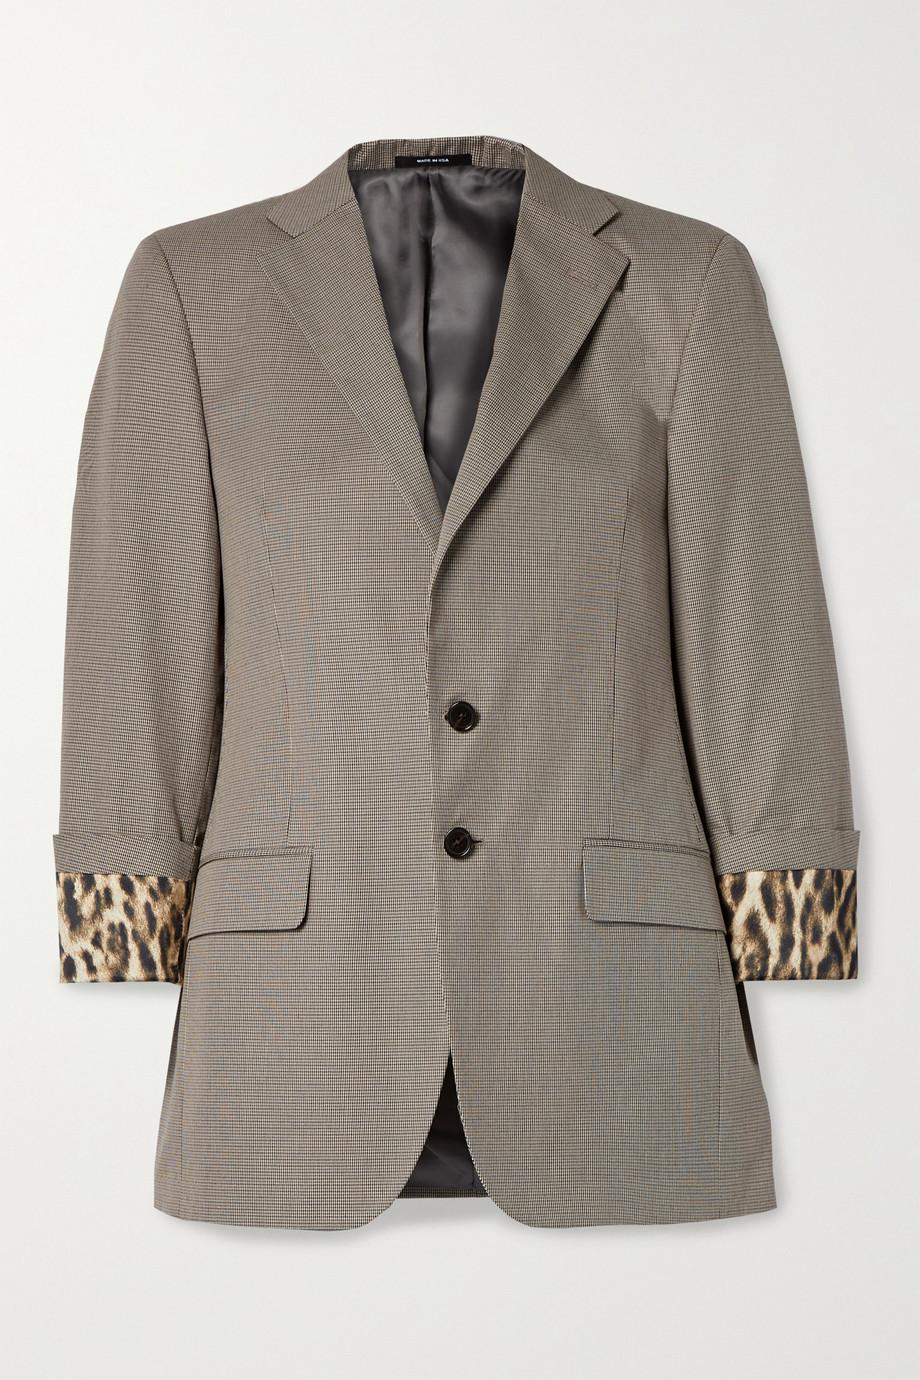 R13 Silk satin-trimmed houndstooth cotton blazer